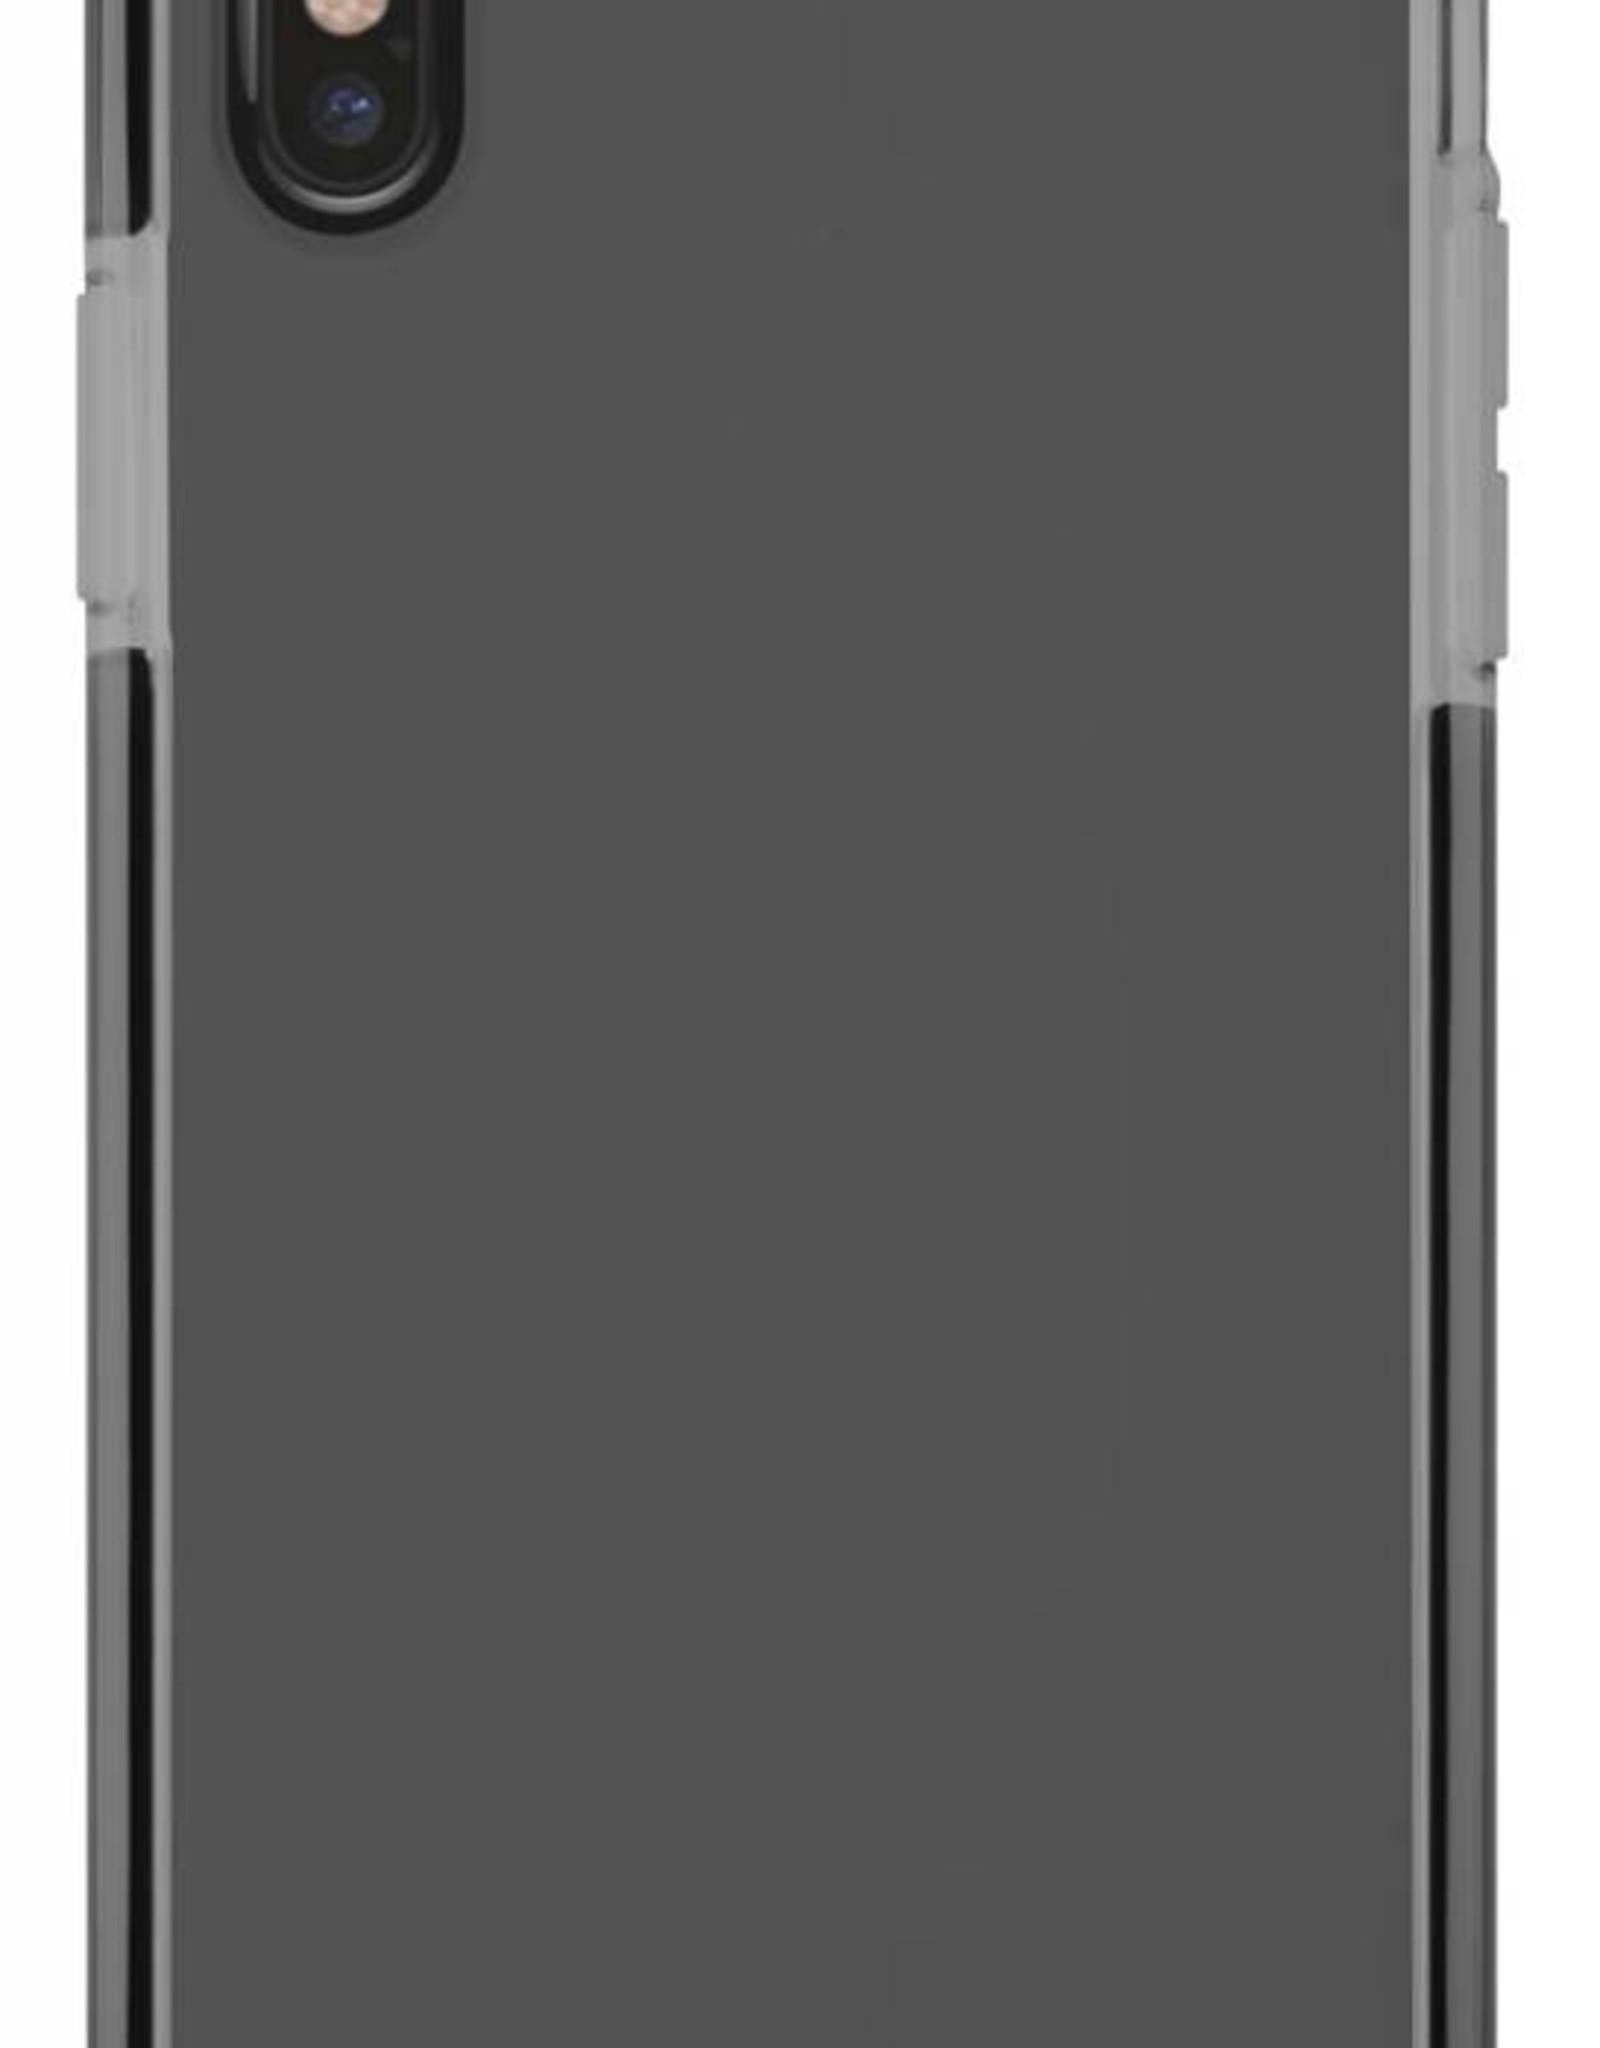 Blu Element Blu Element   iPhone X   DropZone Rugged Case Black - 112-9550